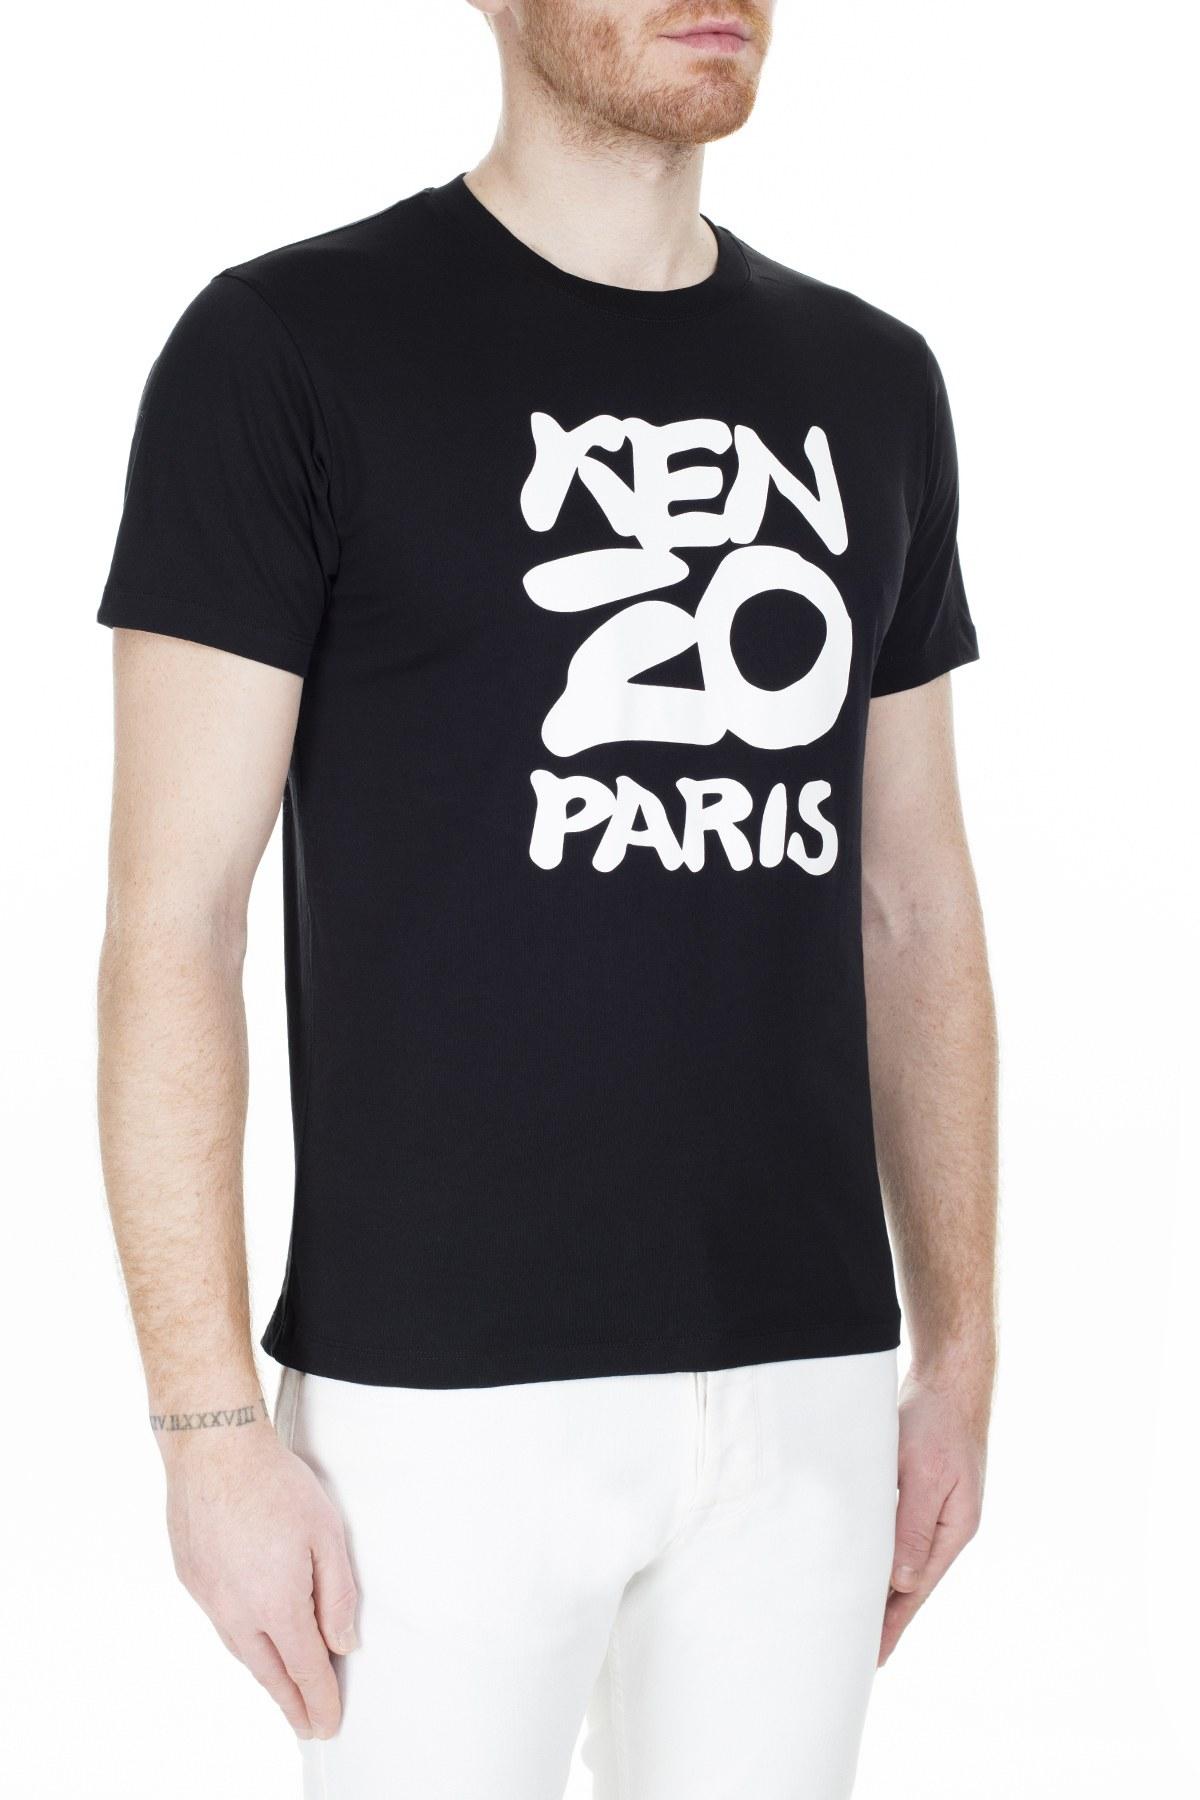 Kenzo Erkek T Shirt FA5 5TS018 4SA 99 SİYAH